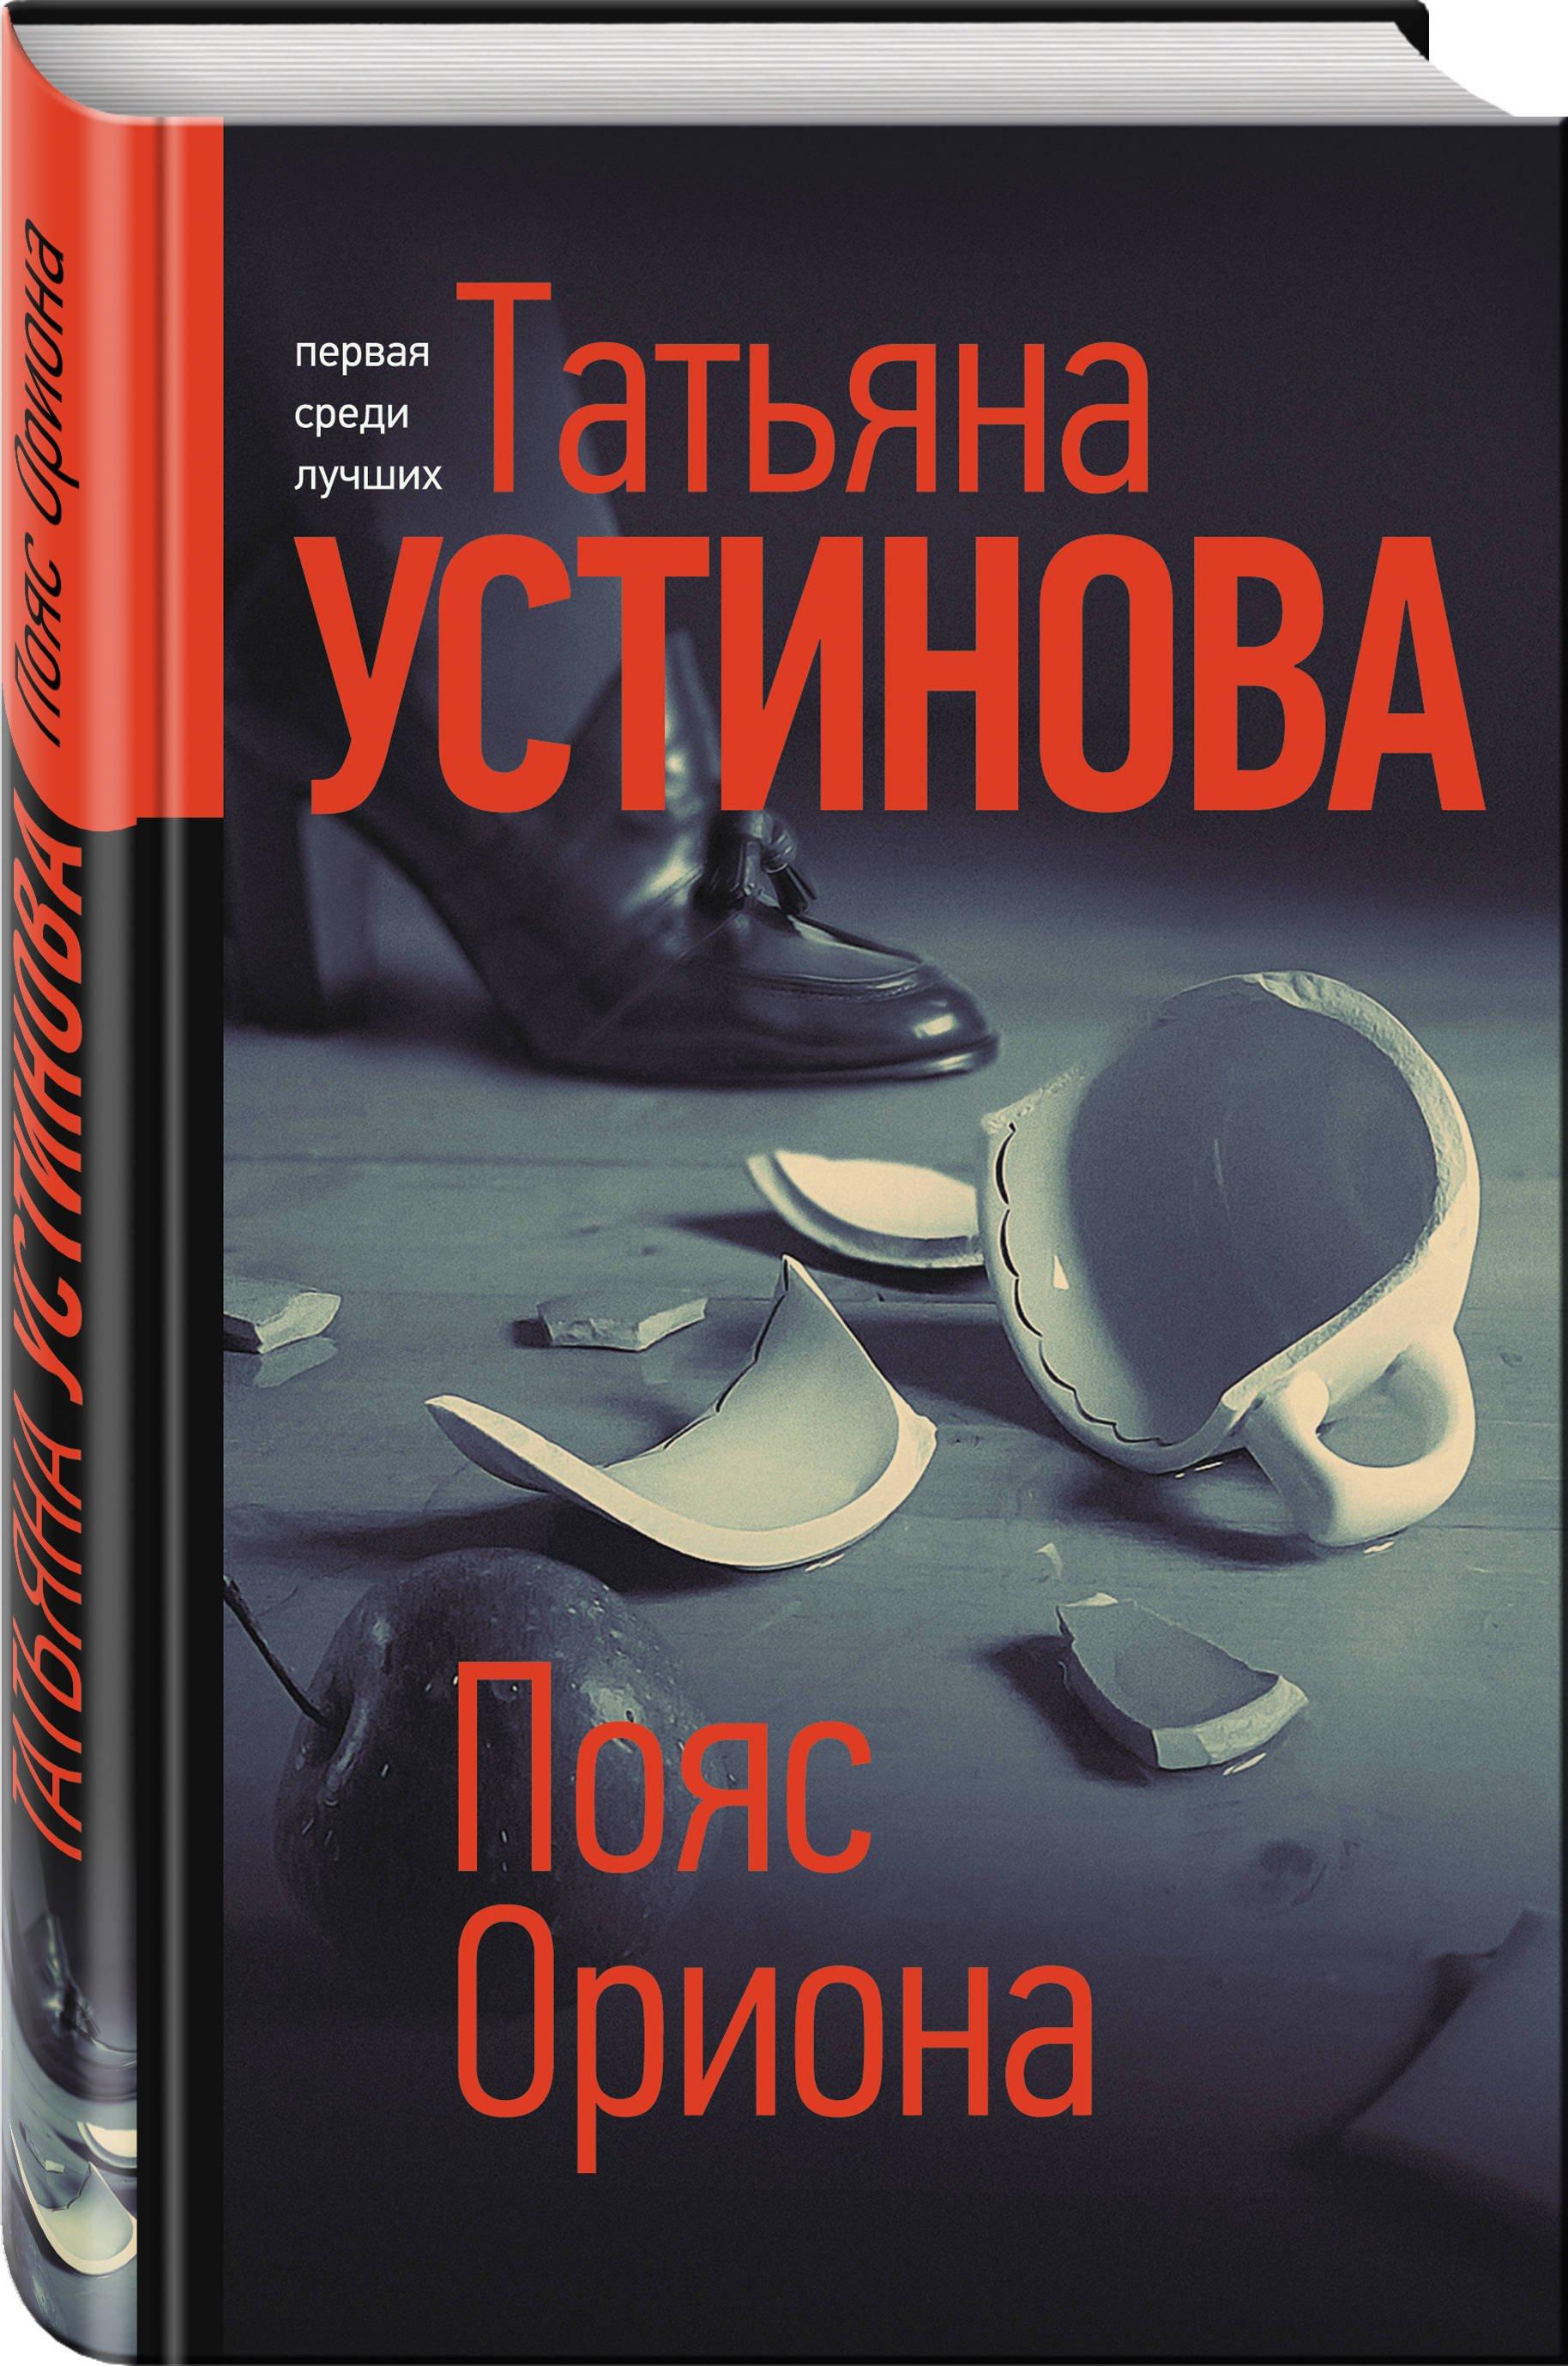 Пояс Ориона (с автографом) ( Татьяна Устинова  )